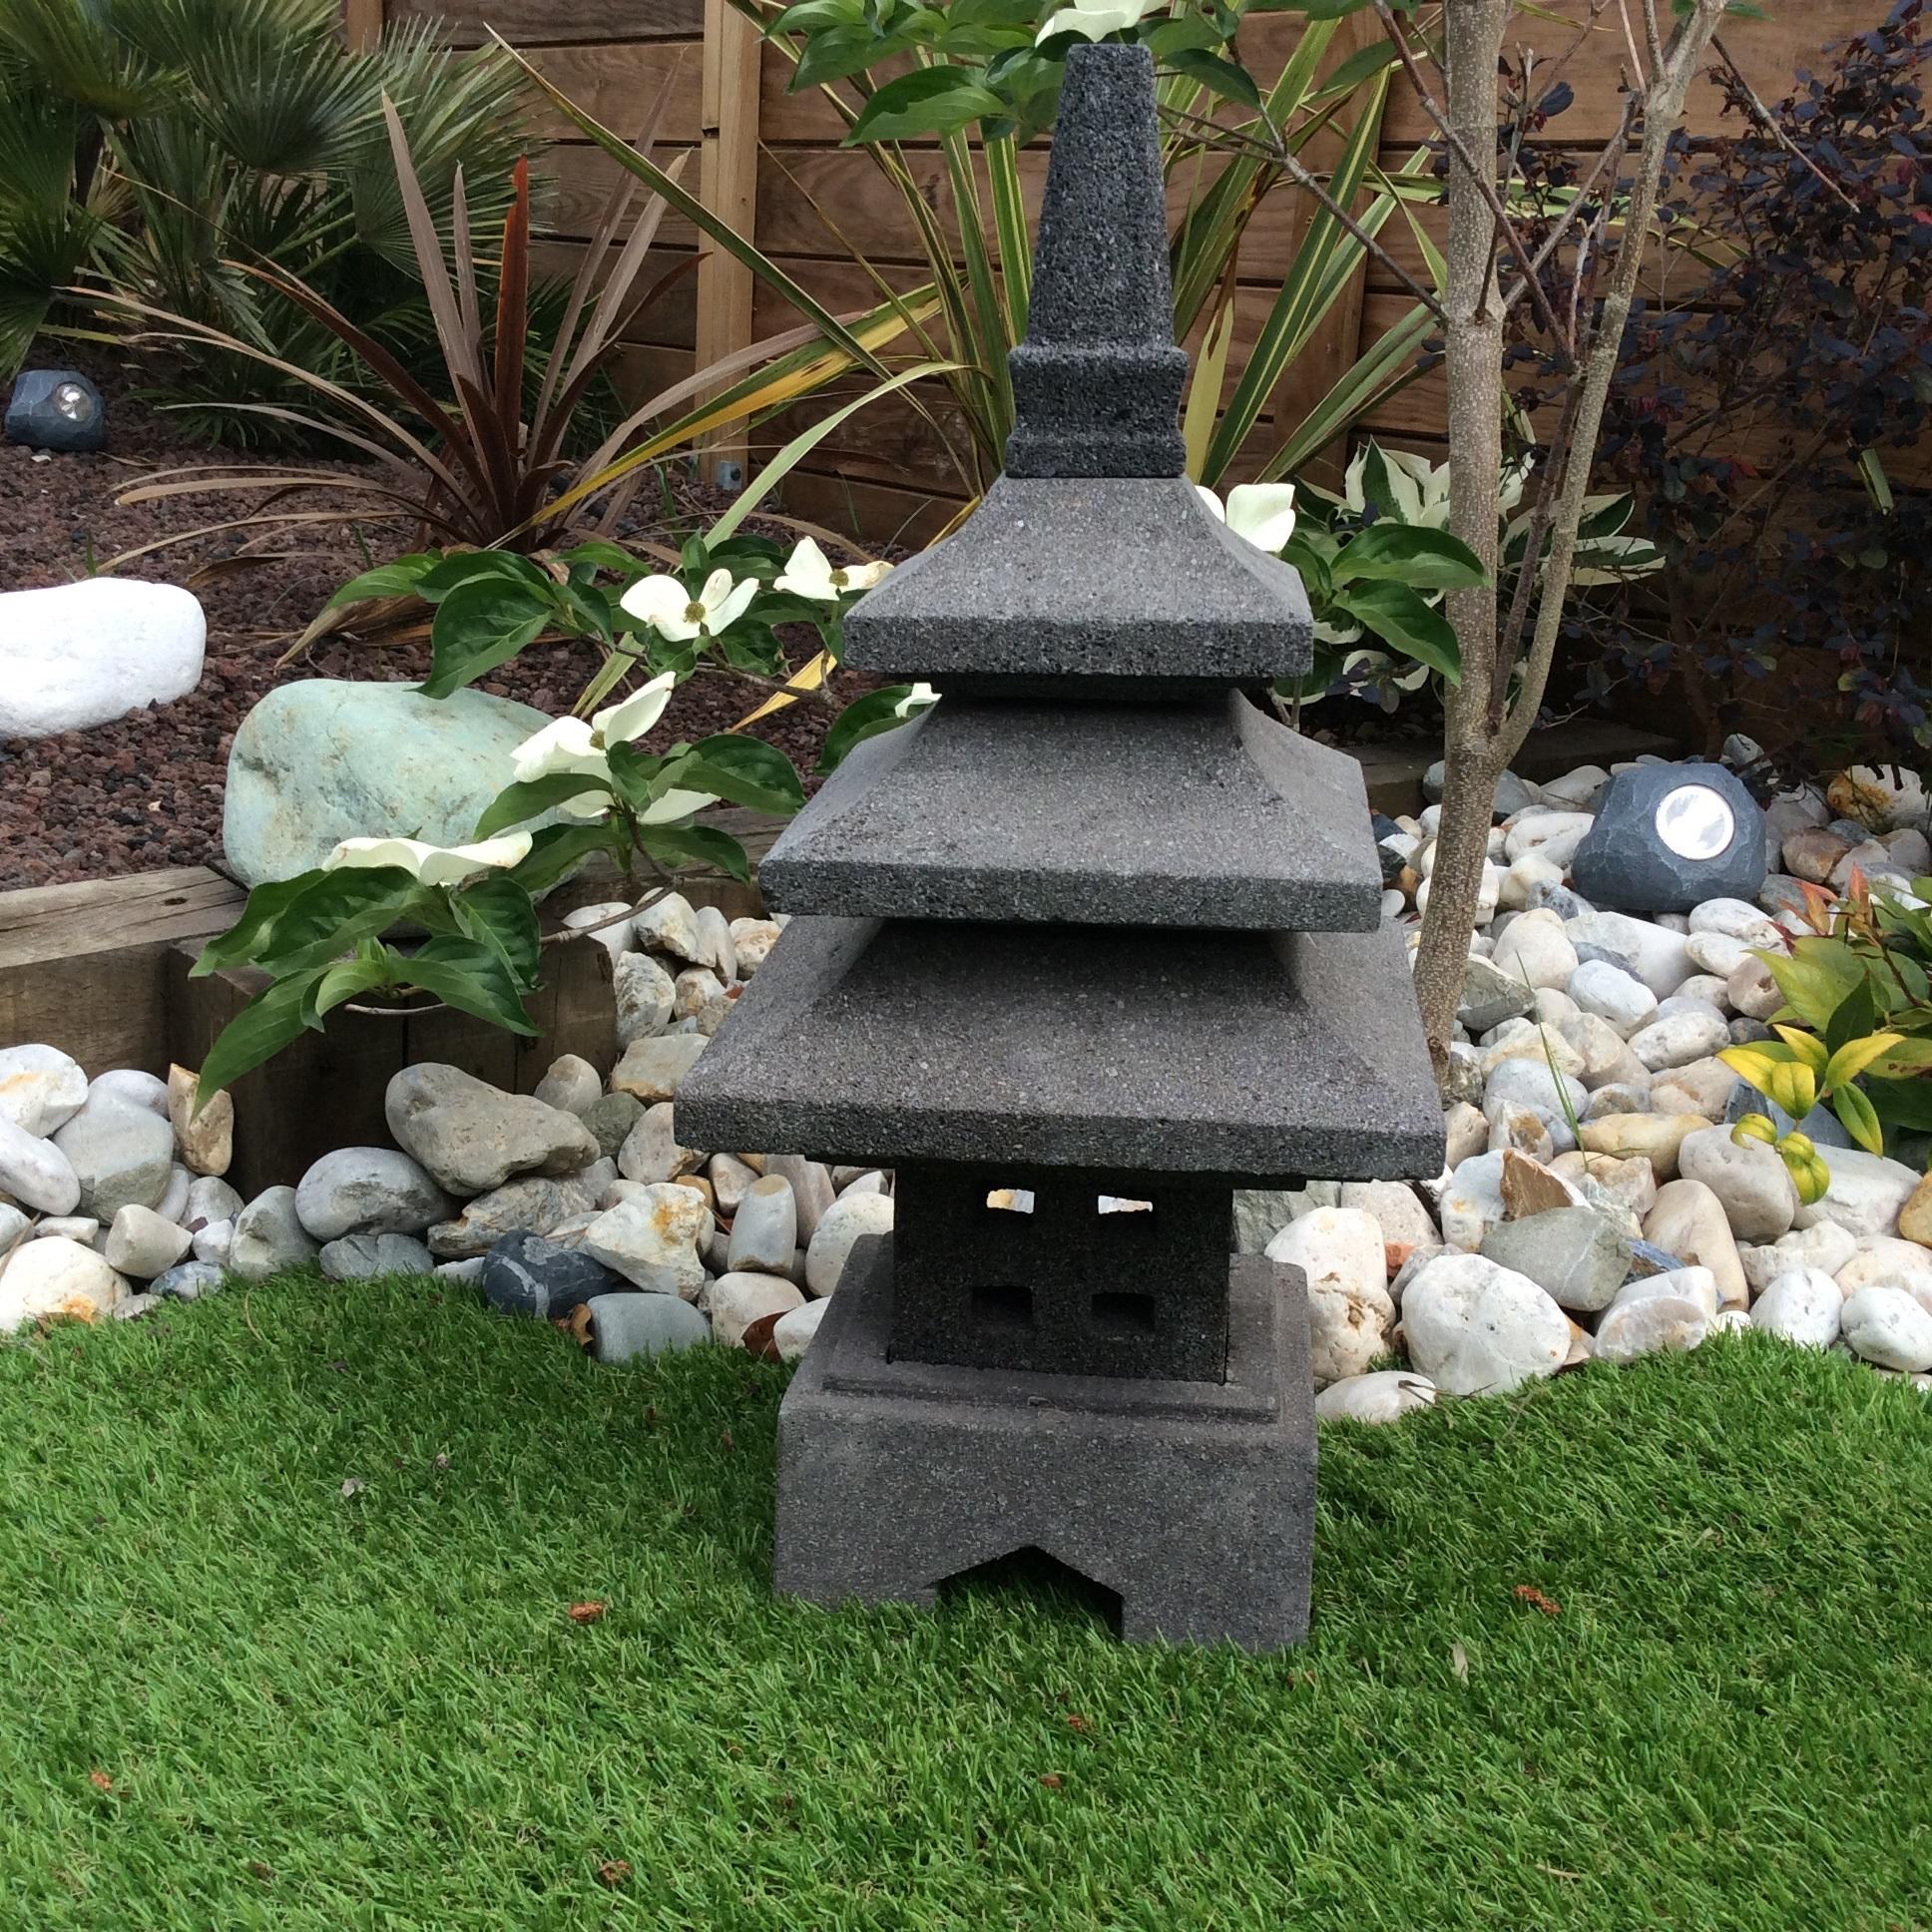 Lanterne Japonaise Jardin Zen Conception - Idees Conception ... destiné Lanterne Japonaise Jardin